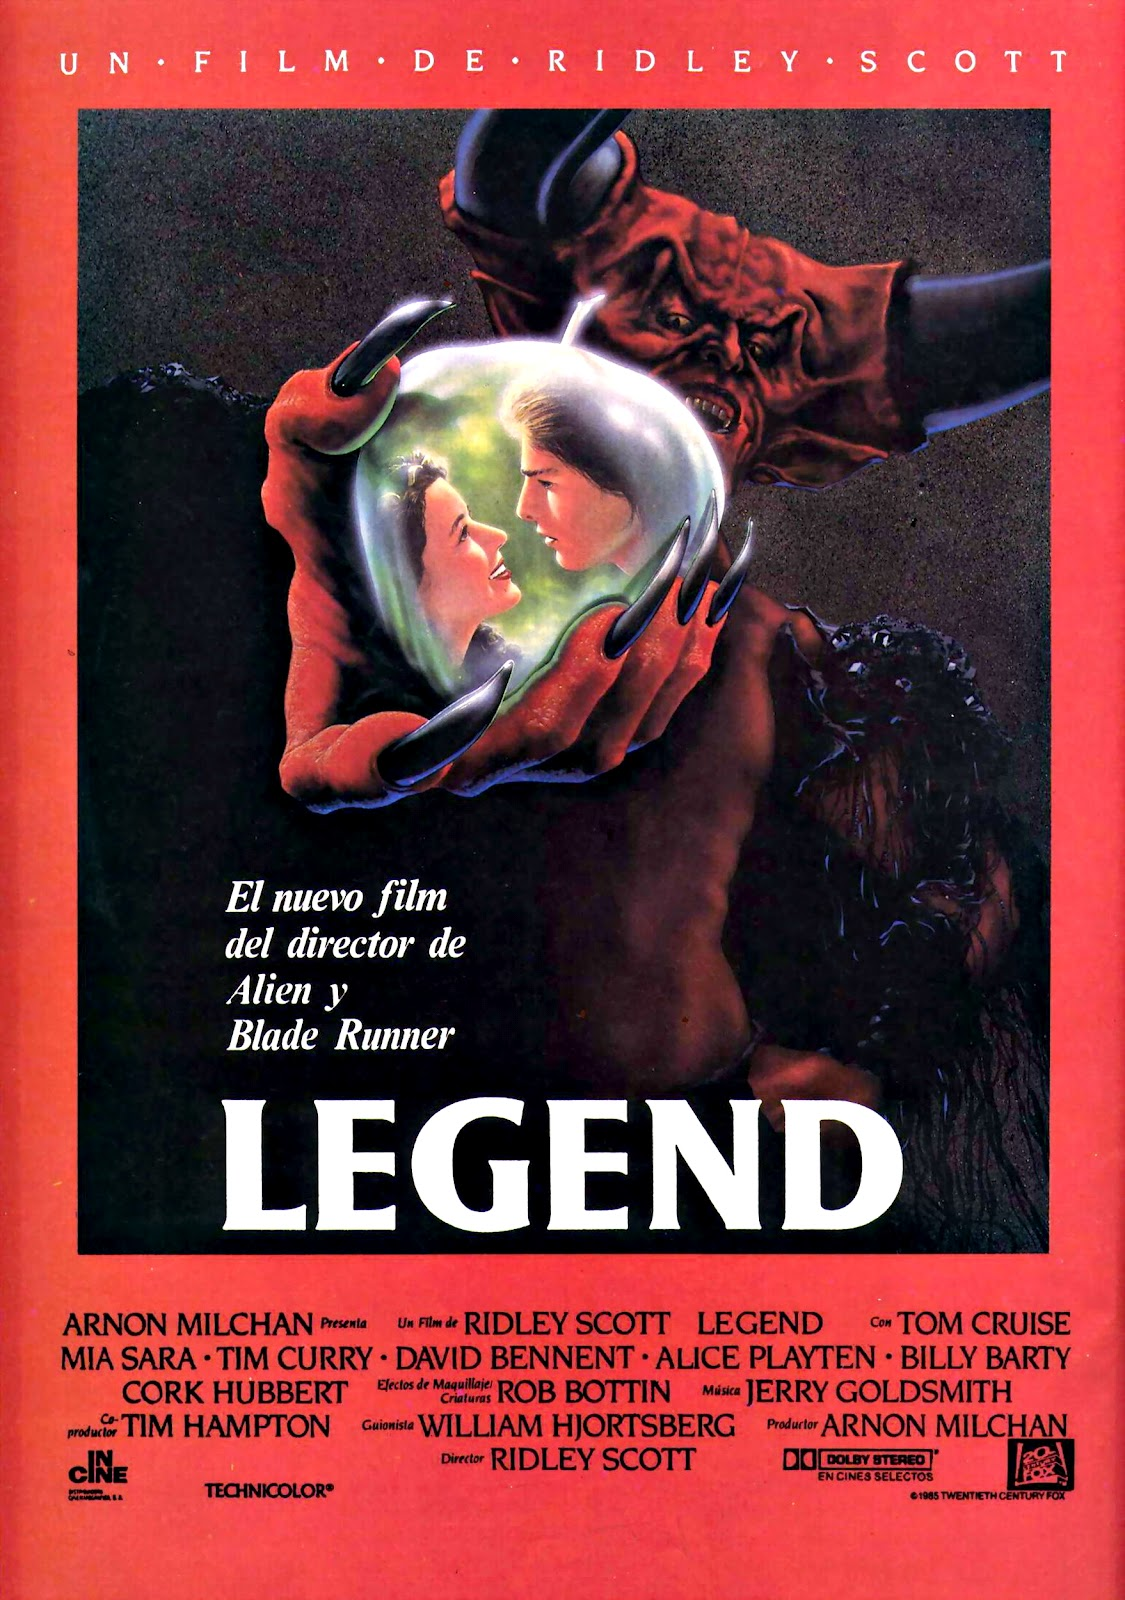 http://4.bp.blogspot.com/-H--sX0Cx4ng/UGyqOl7FqII/AAAAAAAANVA/UxEMXgRaUKA/s1600/legend-poster.jpg